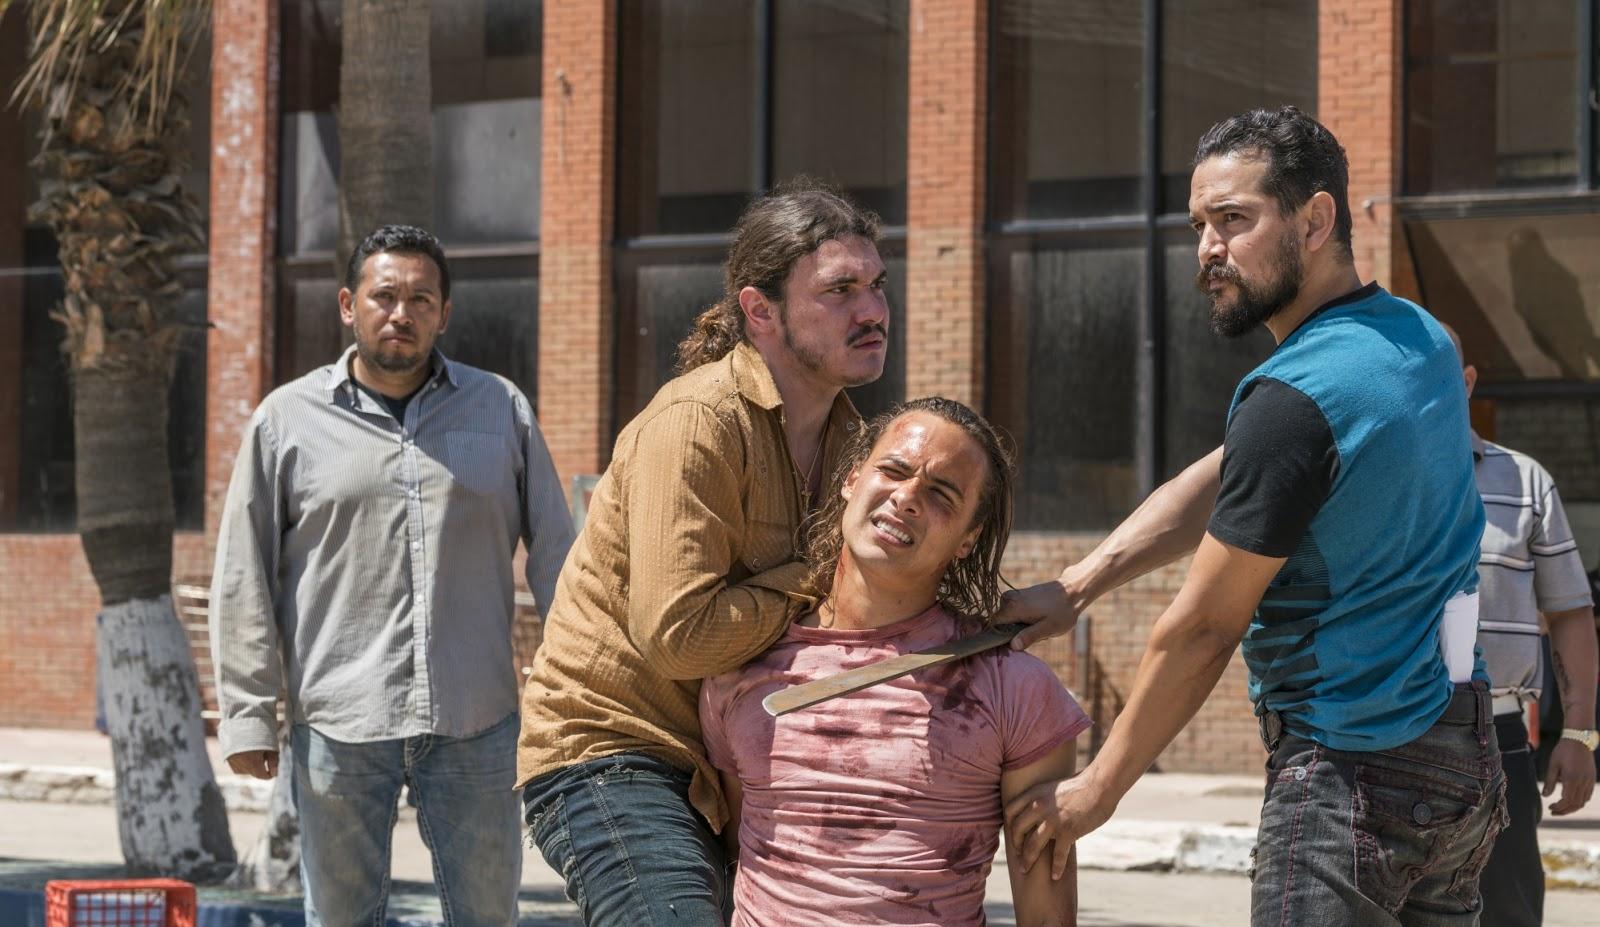 fear the walking dead season 2 episode 14 review